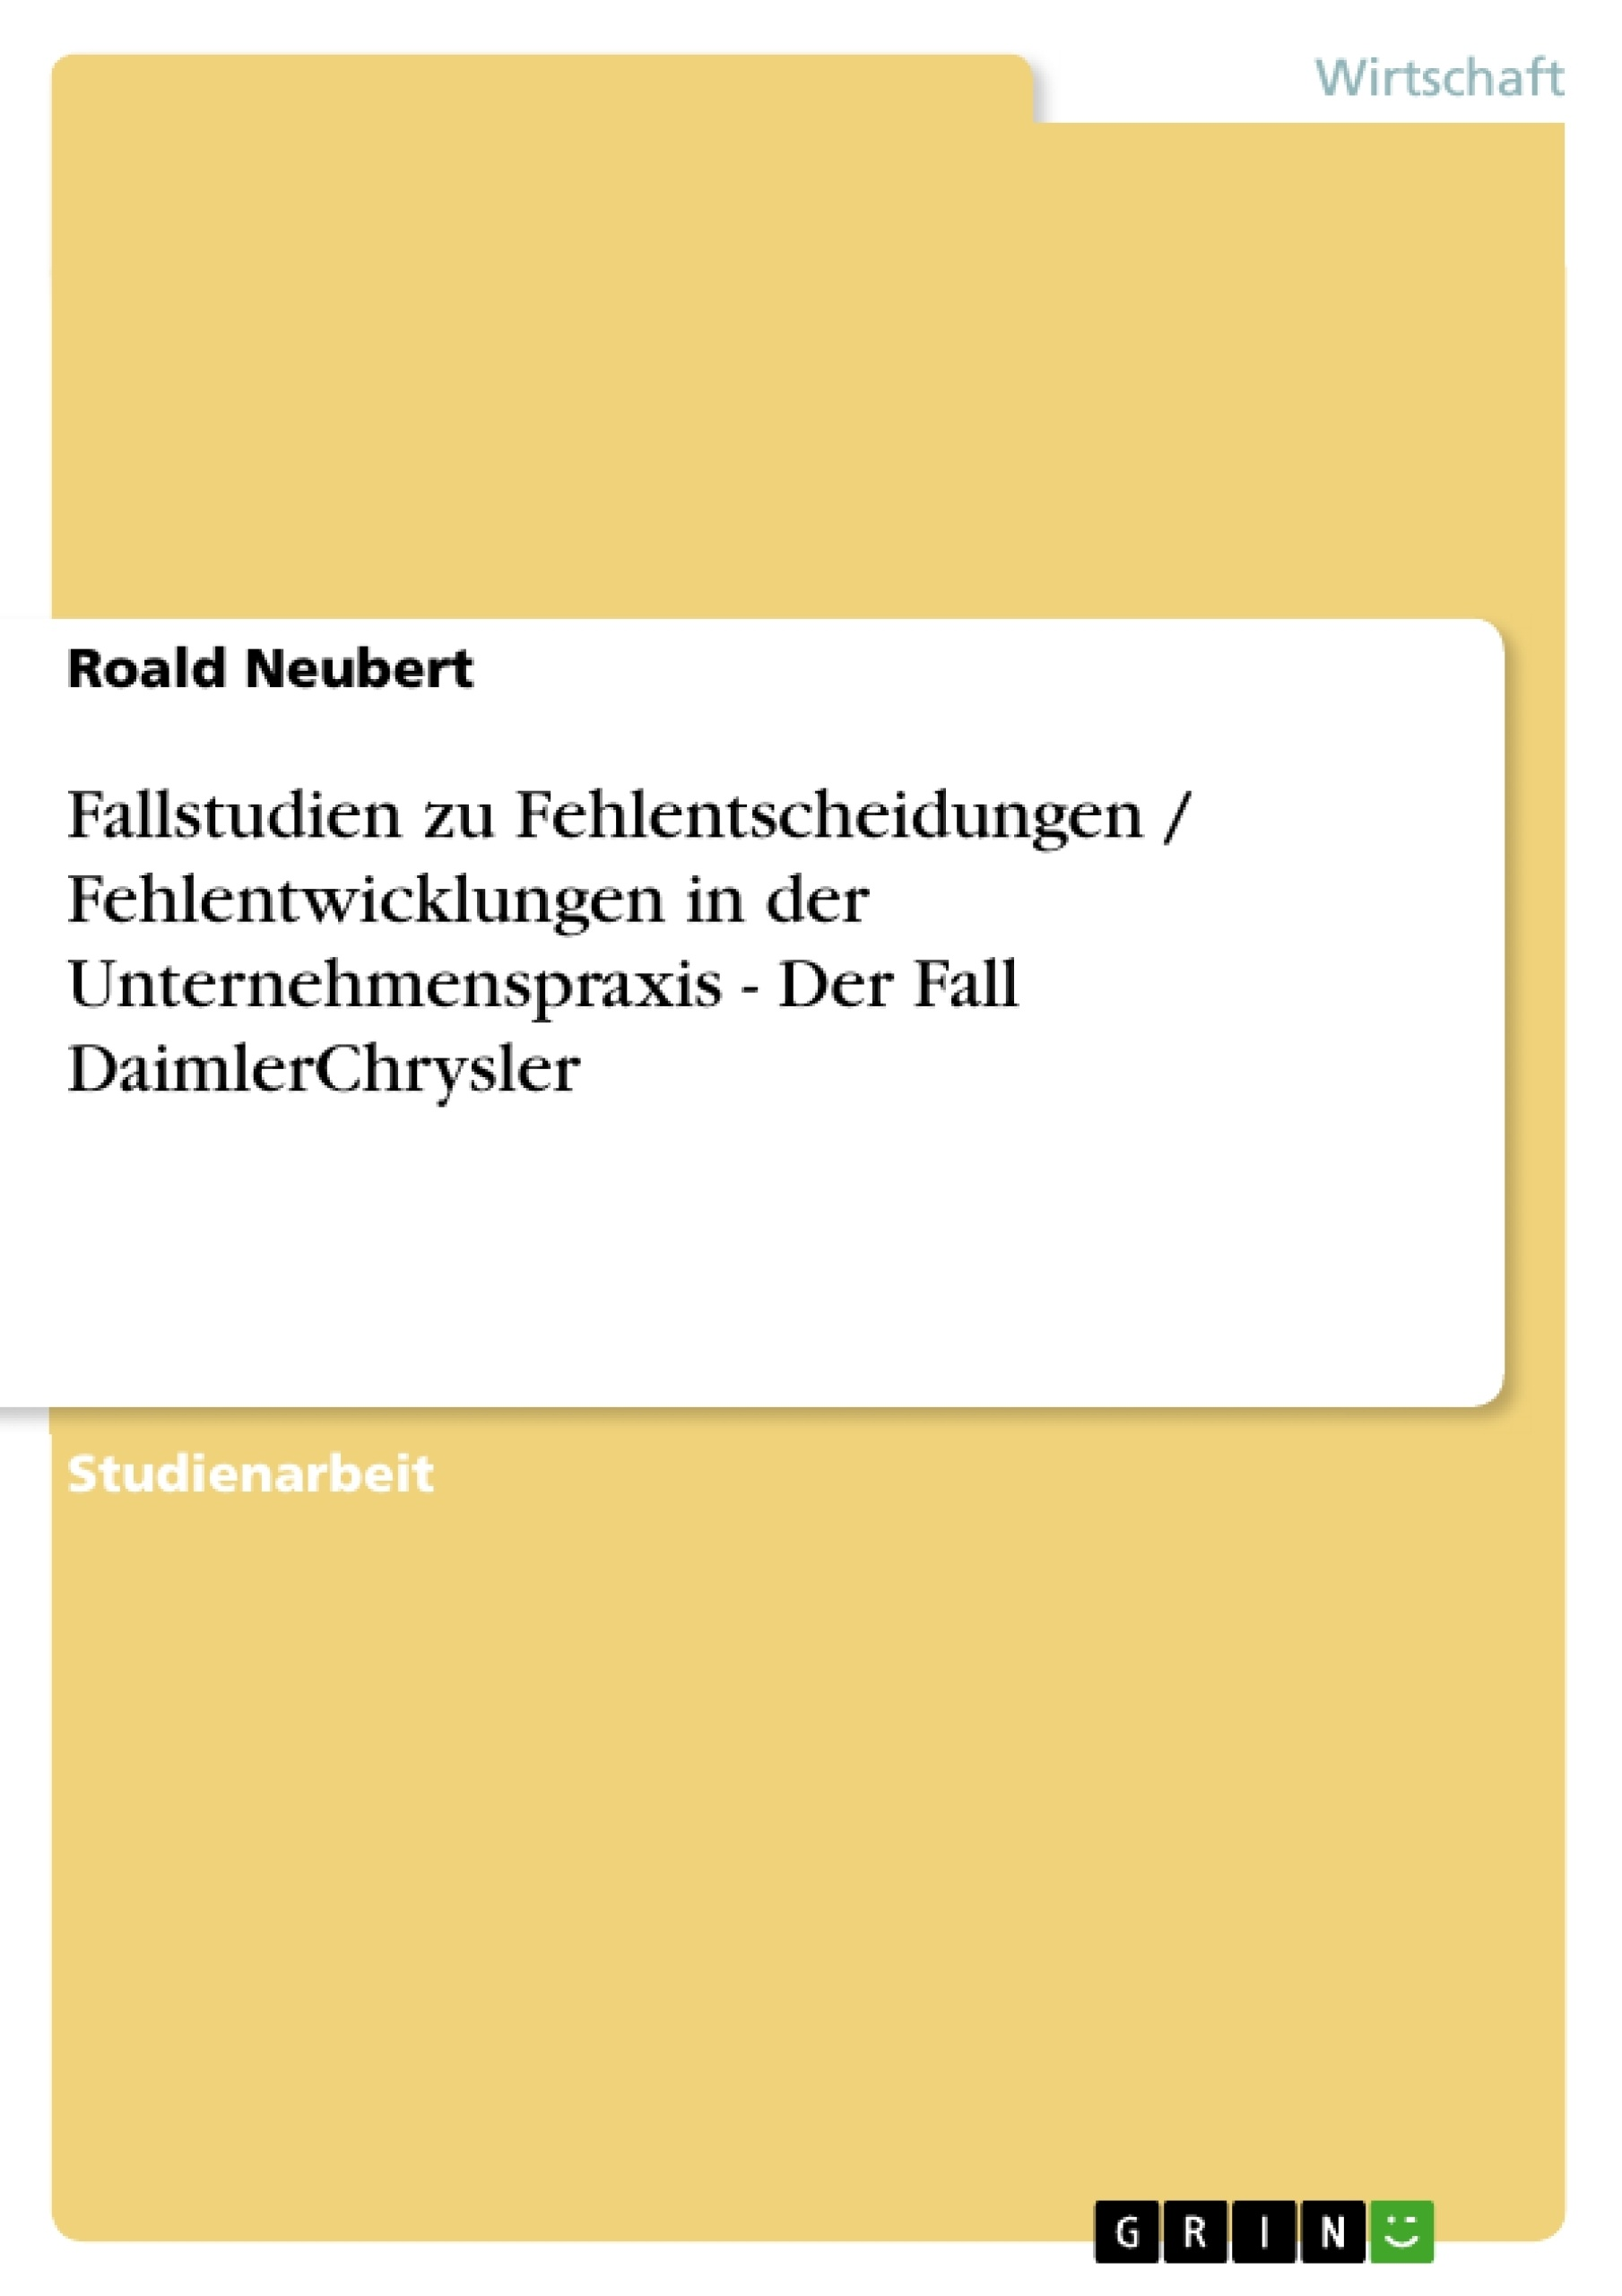 Titel: Fallstudien zu Fehlentscheidungen / Fehlentwicklungen in der Unternehmenspraxis - Der Fall DaimlerChrysler